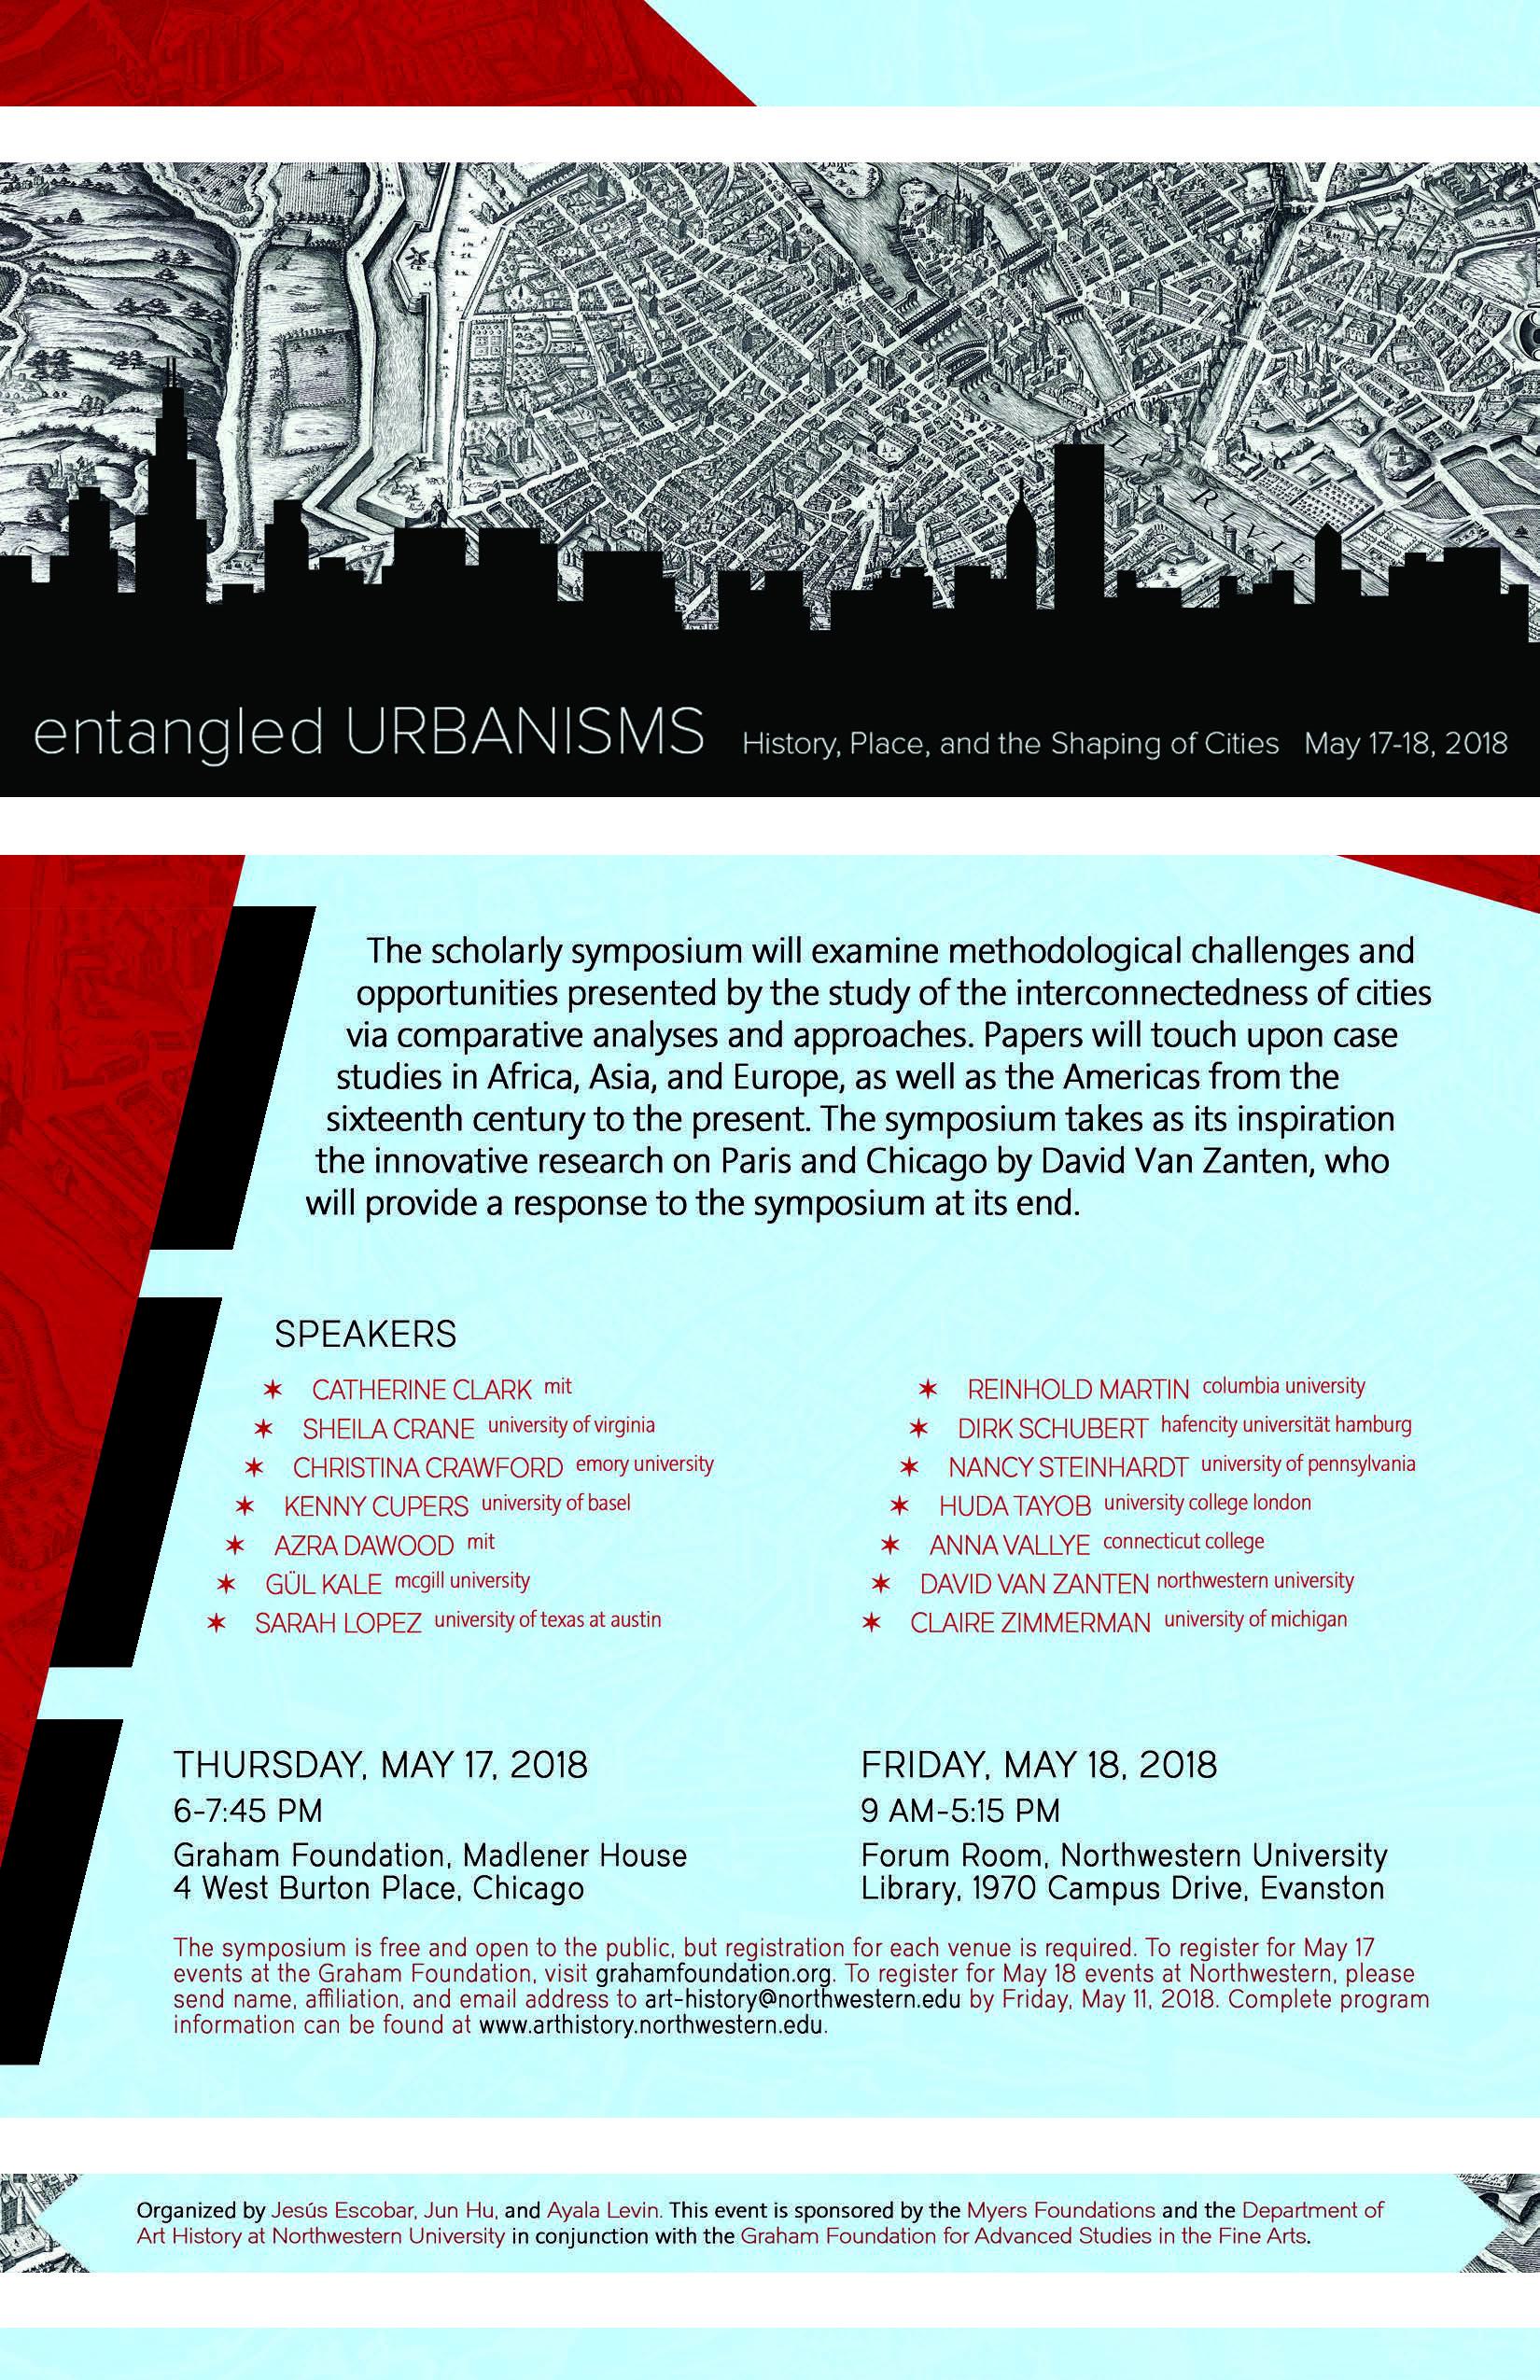 Entangled Urbanisms poster.jpg